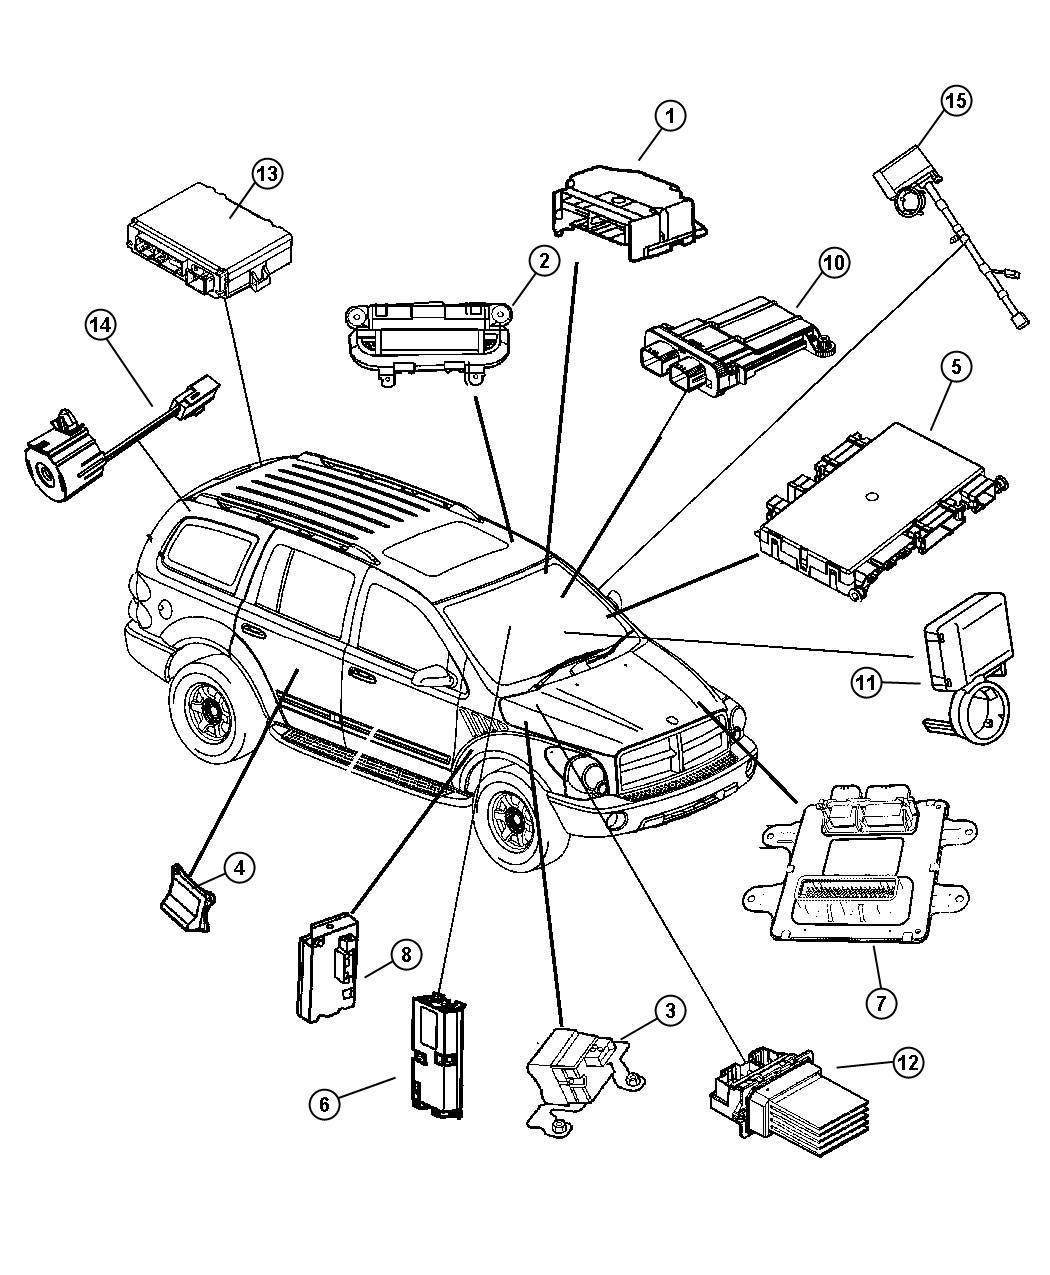 Dodge Durango Module Telematics